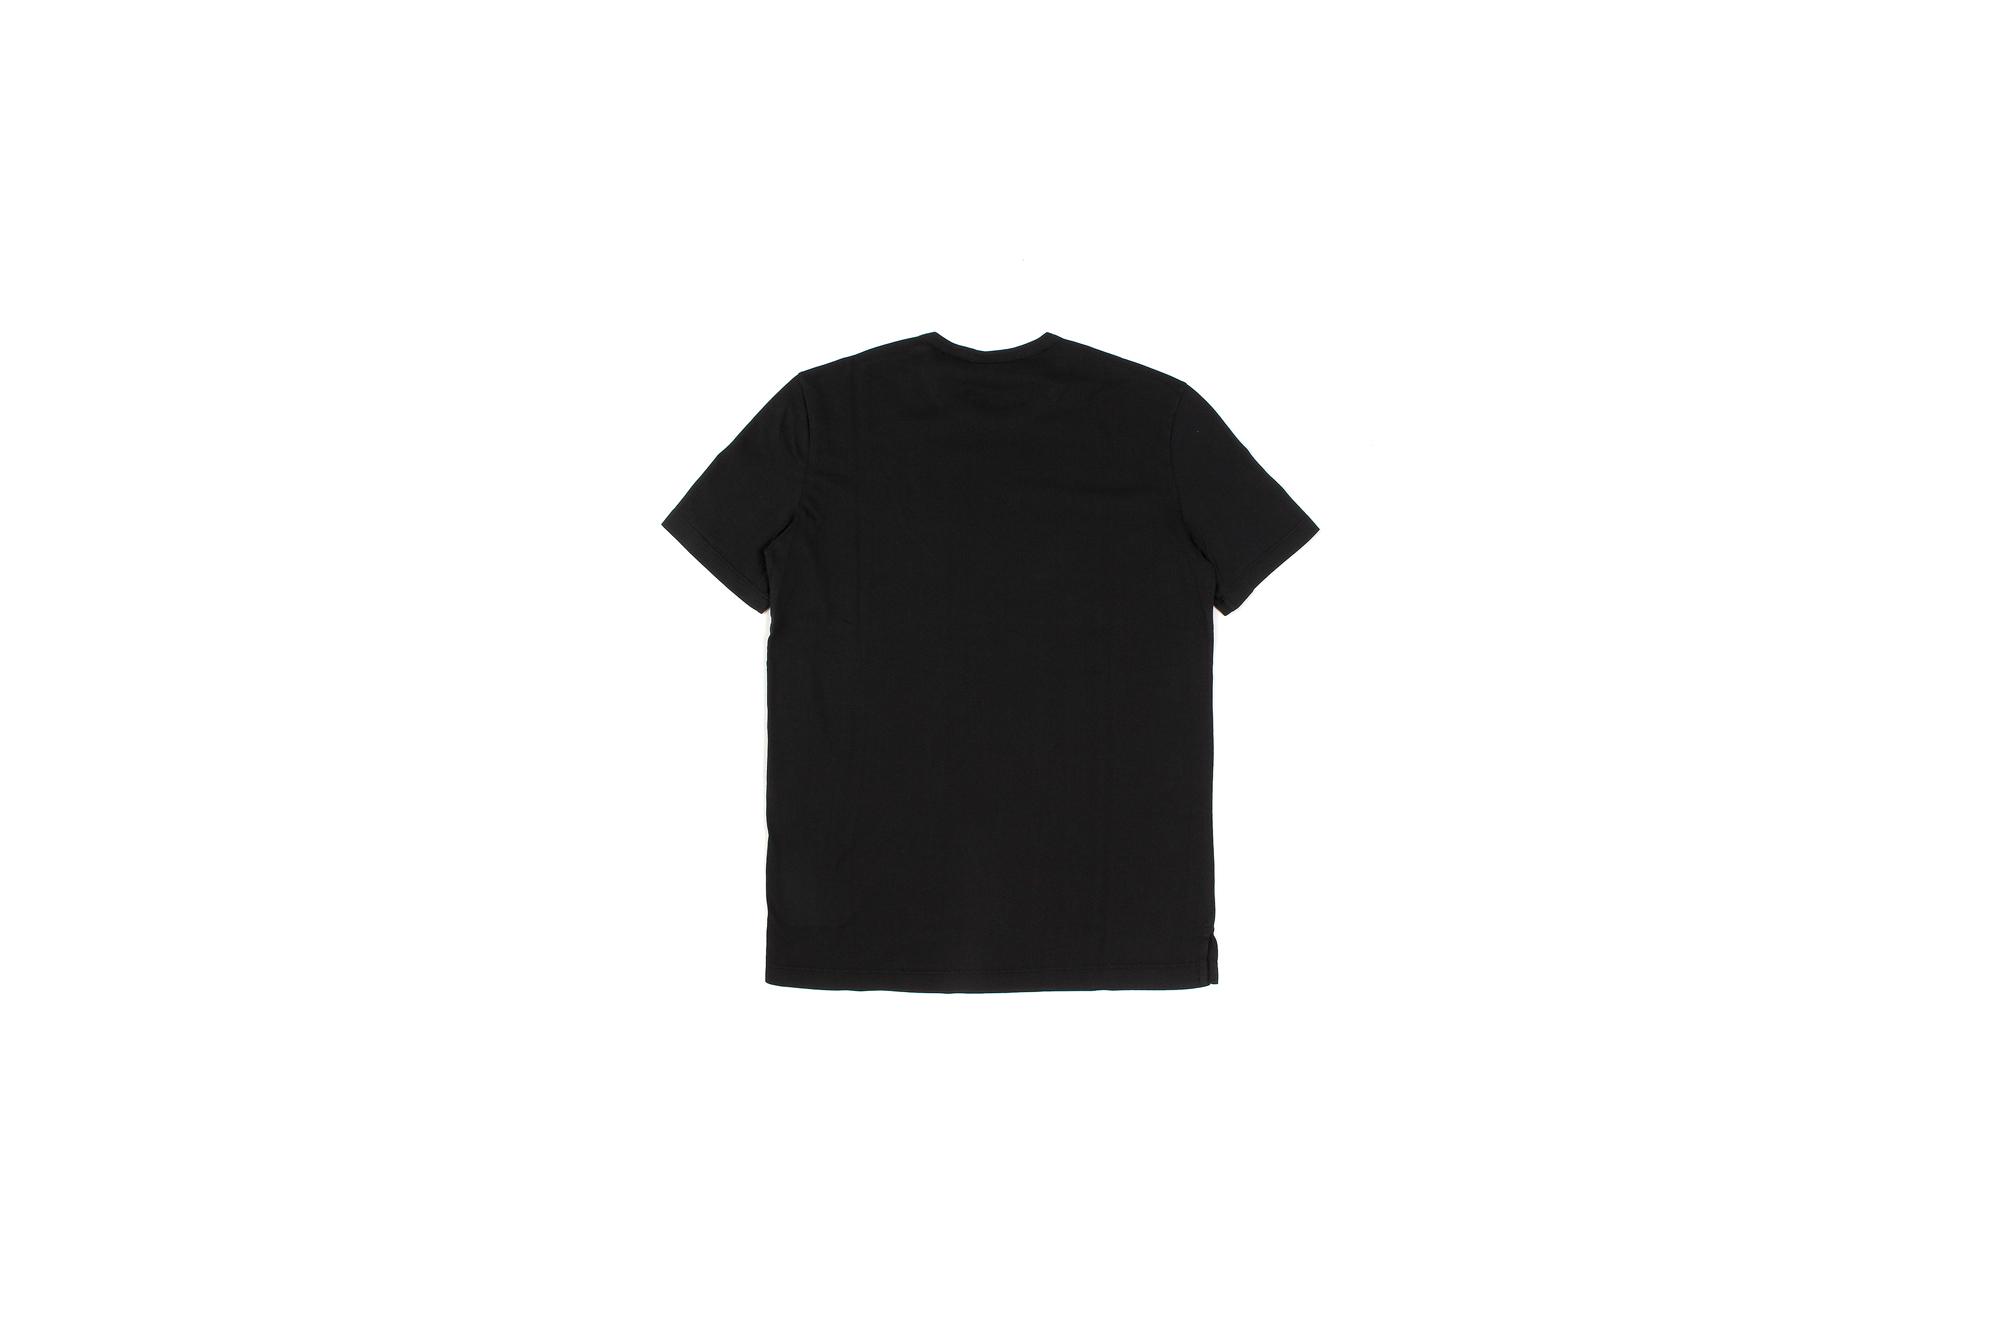 Girelli Bruni (ジレリブルーニ) Crew Neck T-shirt (クルーネック Tシャツ) GIZA 60/2 ギザコットン Tシャツ BLACK (ブラック) made in italy (イタリア製) 2020秋冬新作 愛知 名古屋 Alto e Diritto アルトエデリット